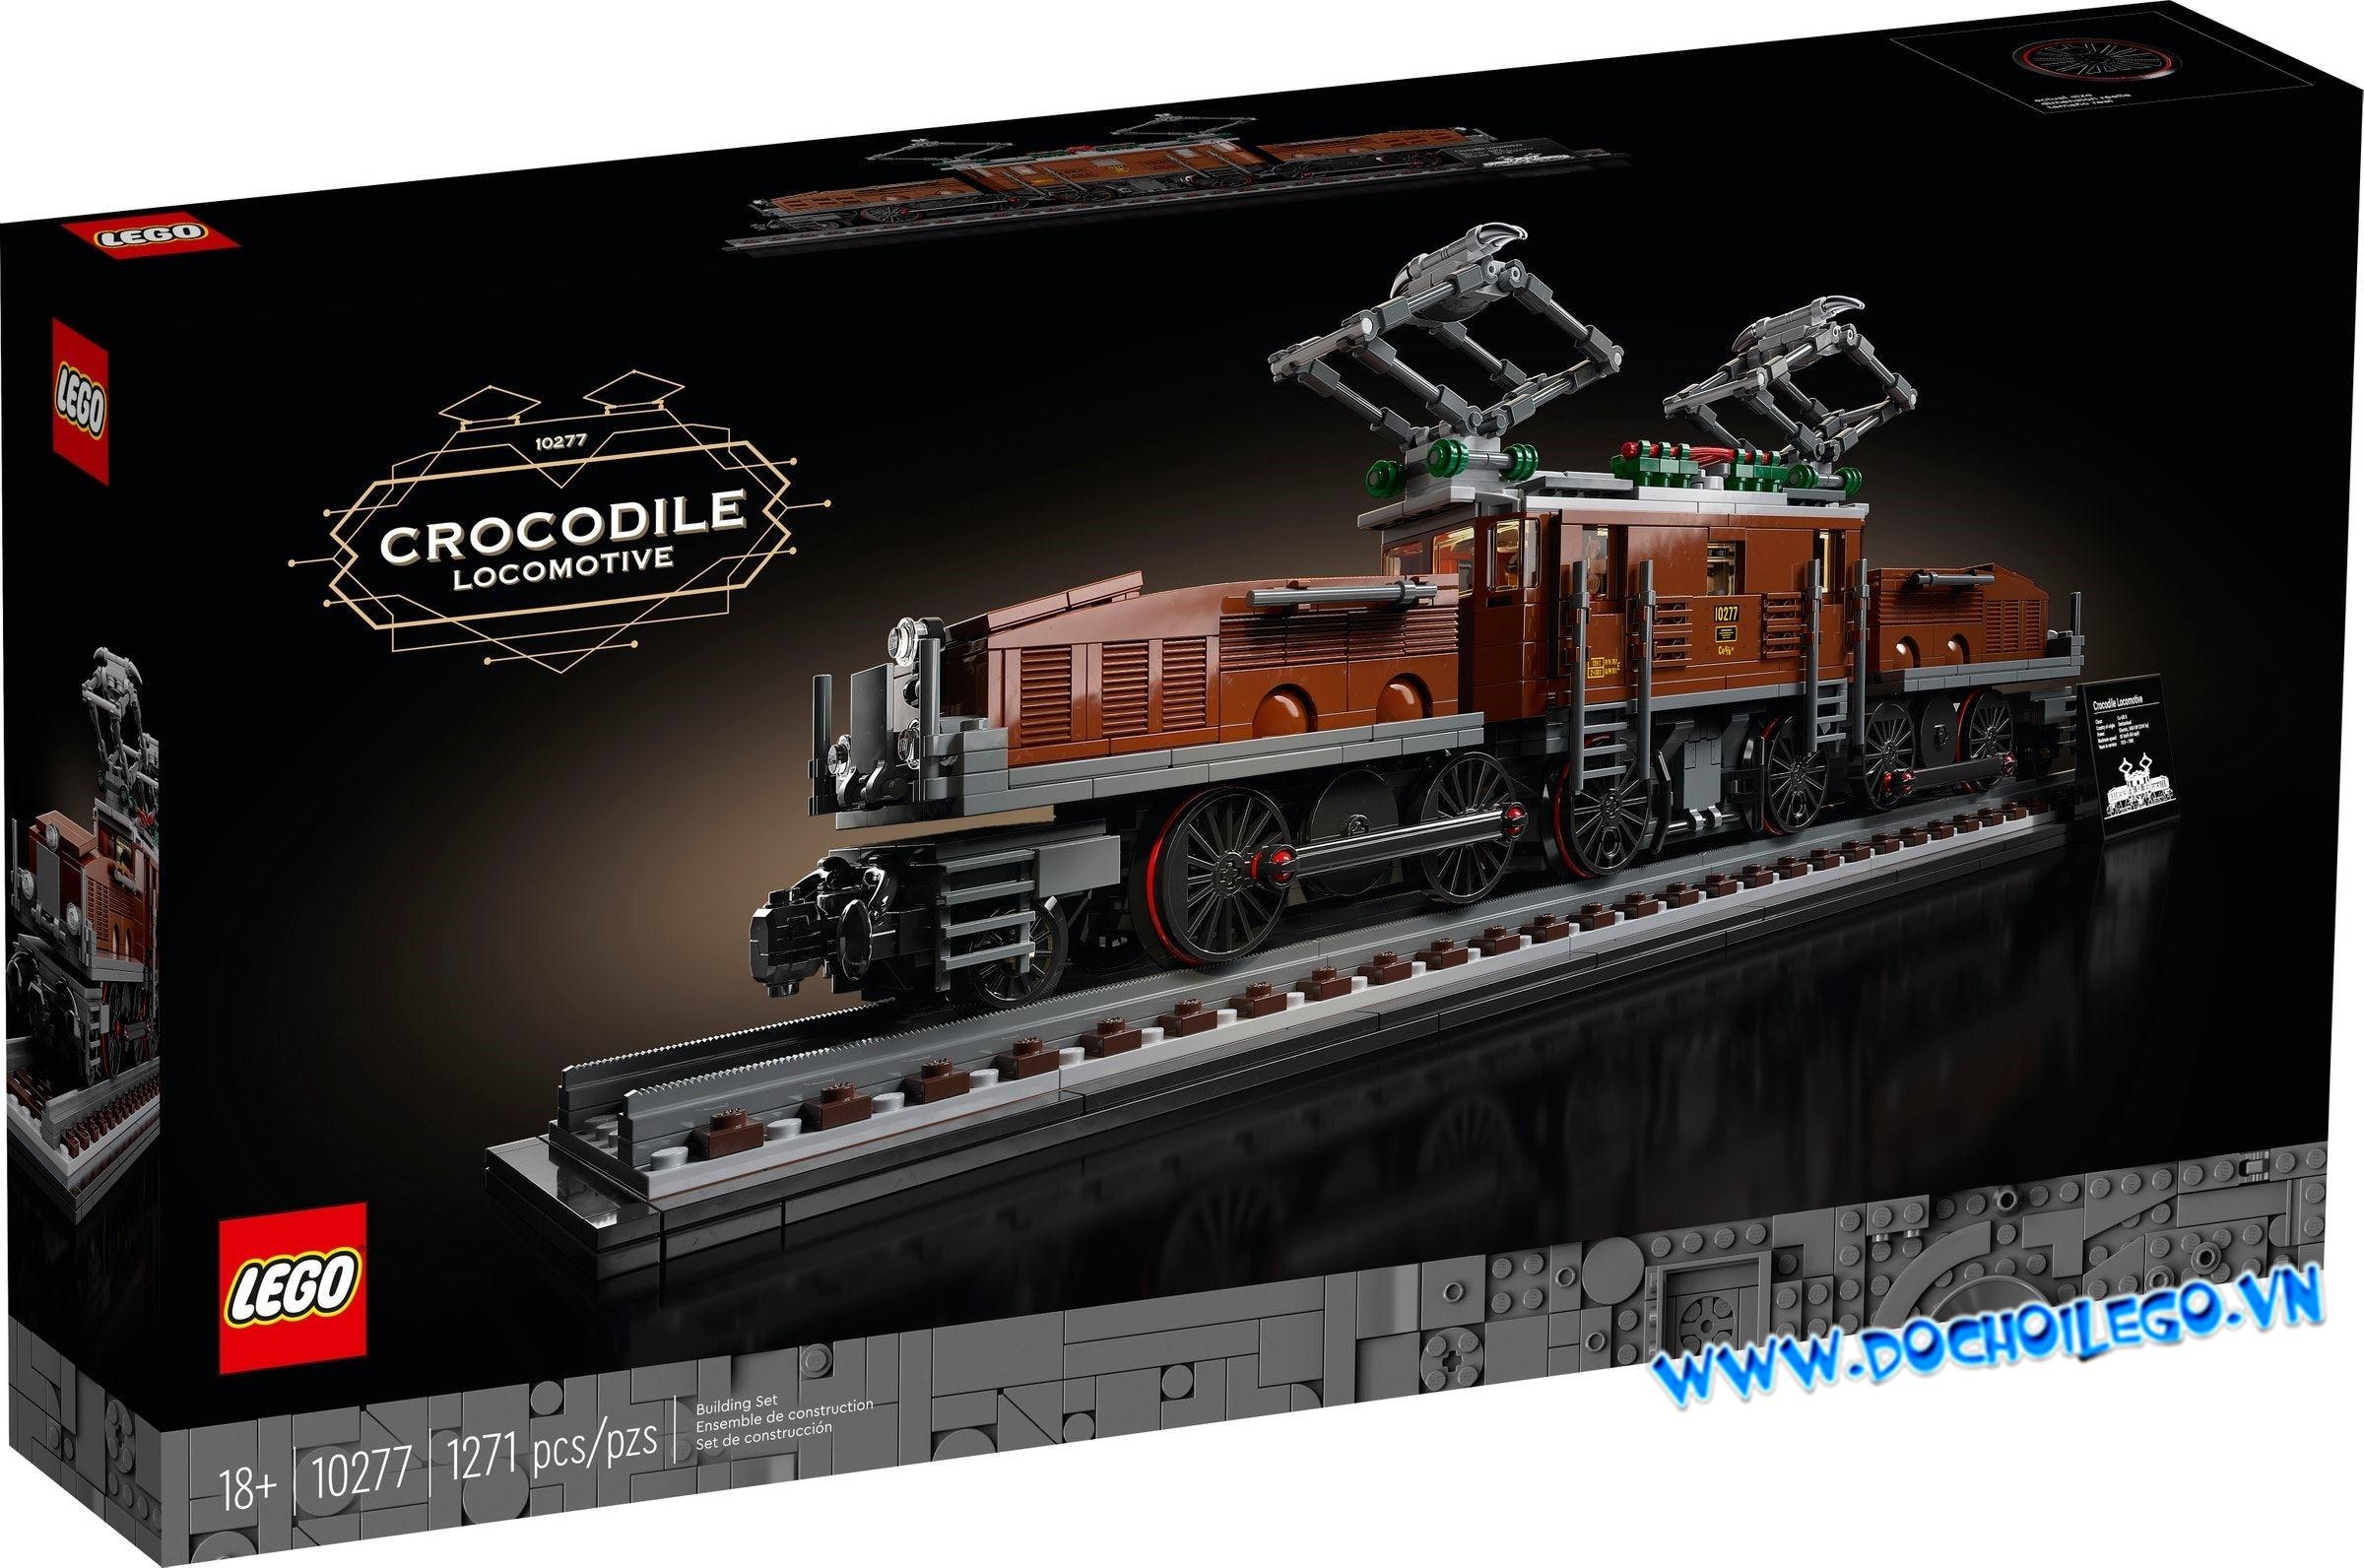 10277 LEGO Creator Expert Trains Crocodile Locomotive - Chuyến Tàu lửa/ tàu hỏa đầu máy hình cá sấu cổ điển